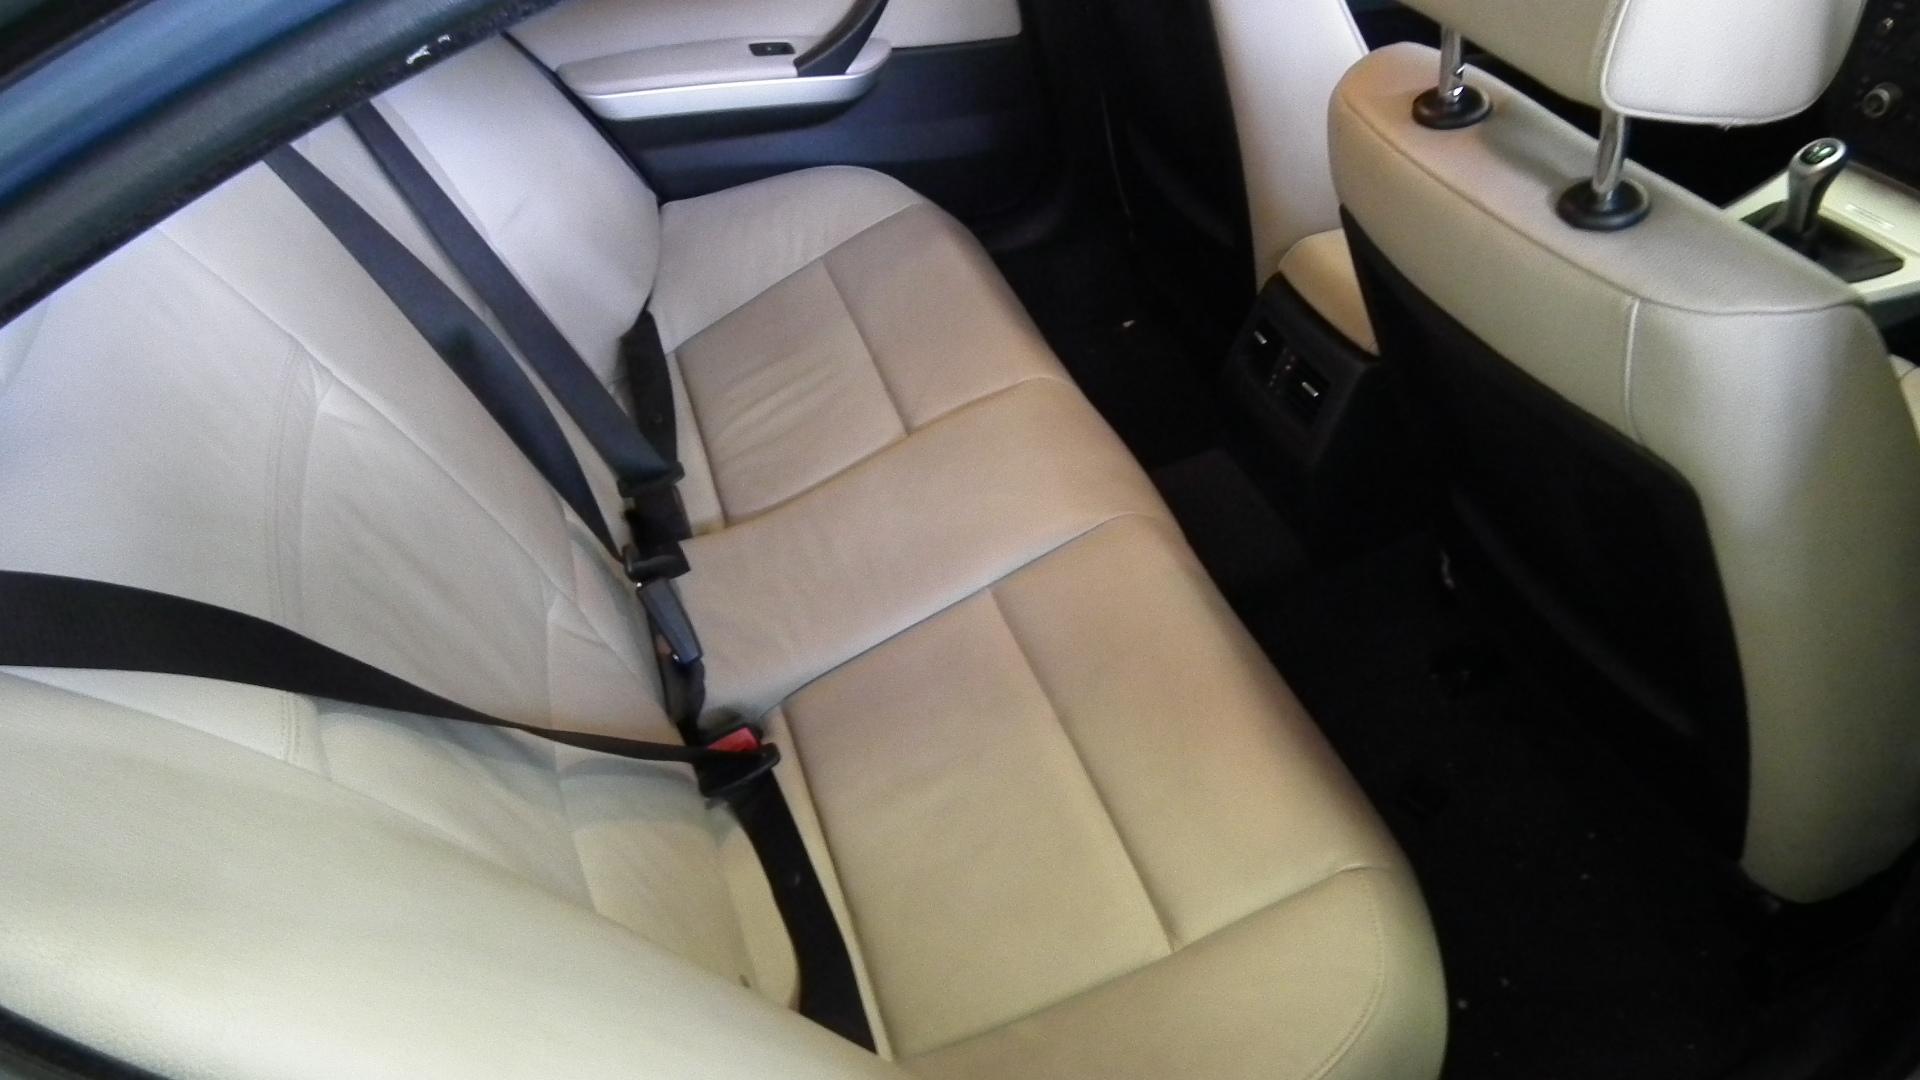 (E90) (Vin No: WBAPG56030NM41376) (131355 kms) (Airbag Light